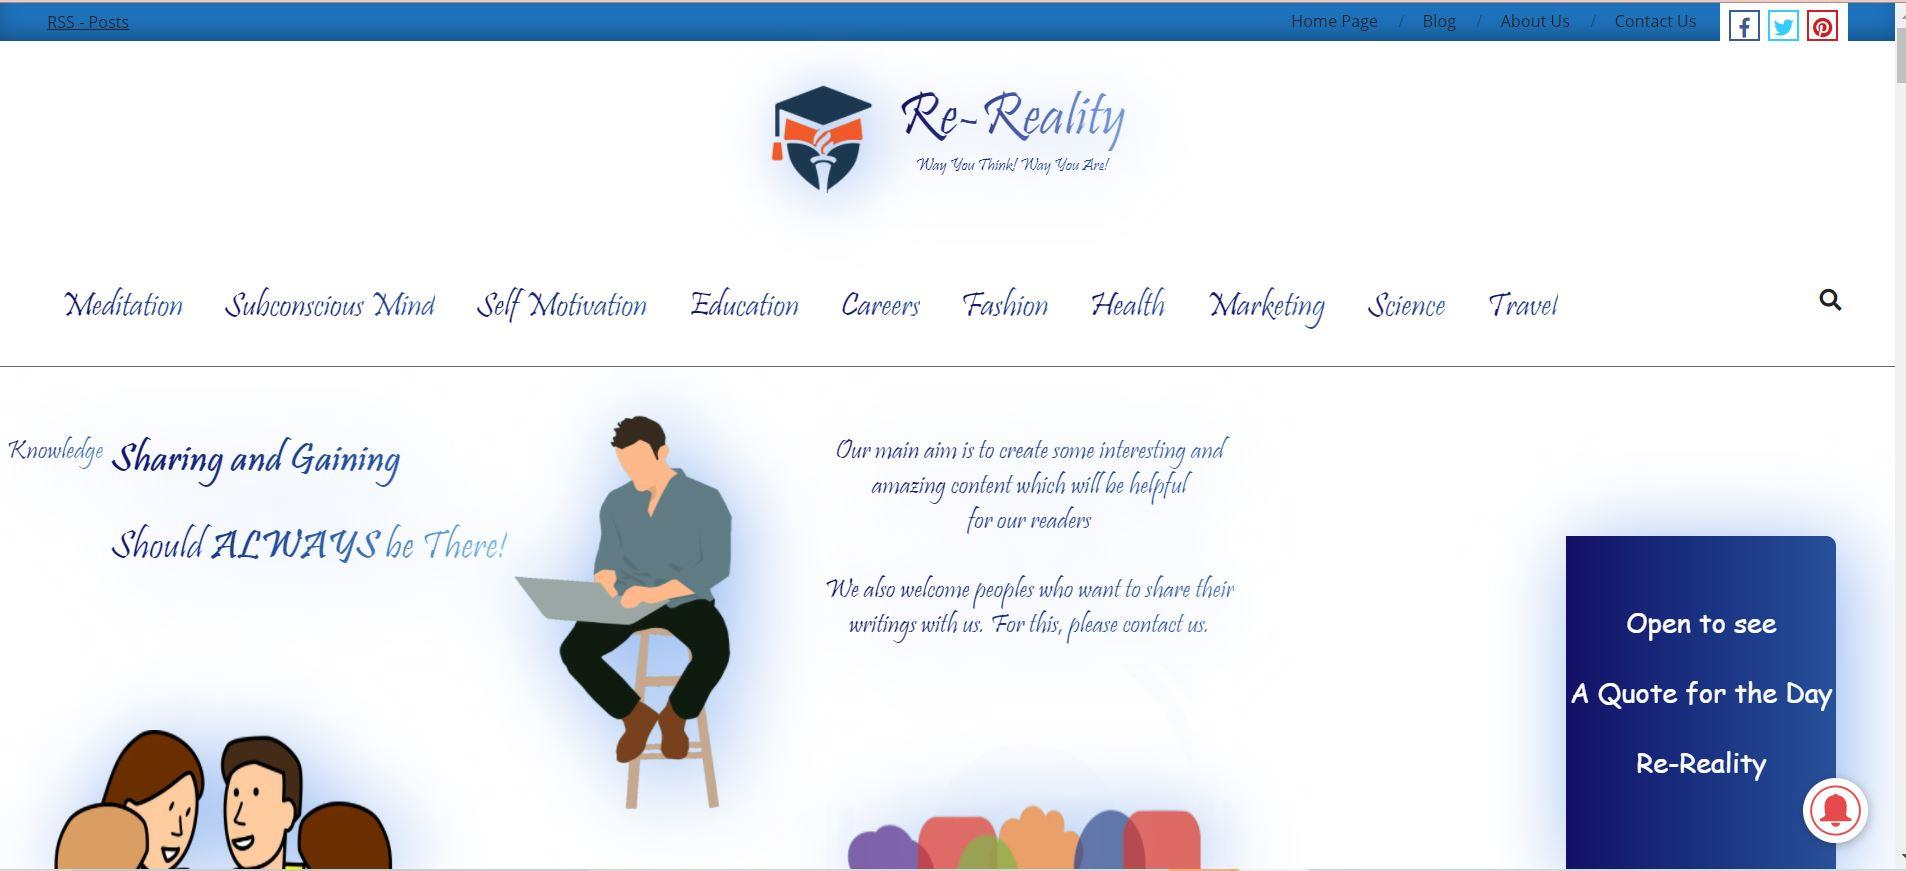 Re-Reality